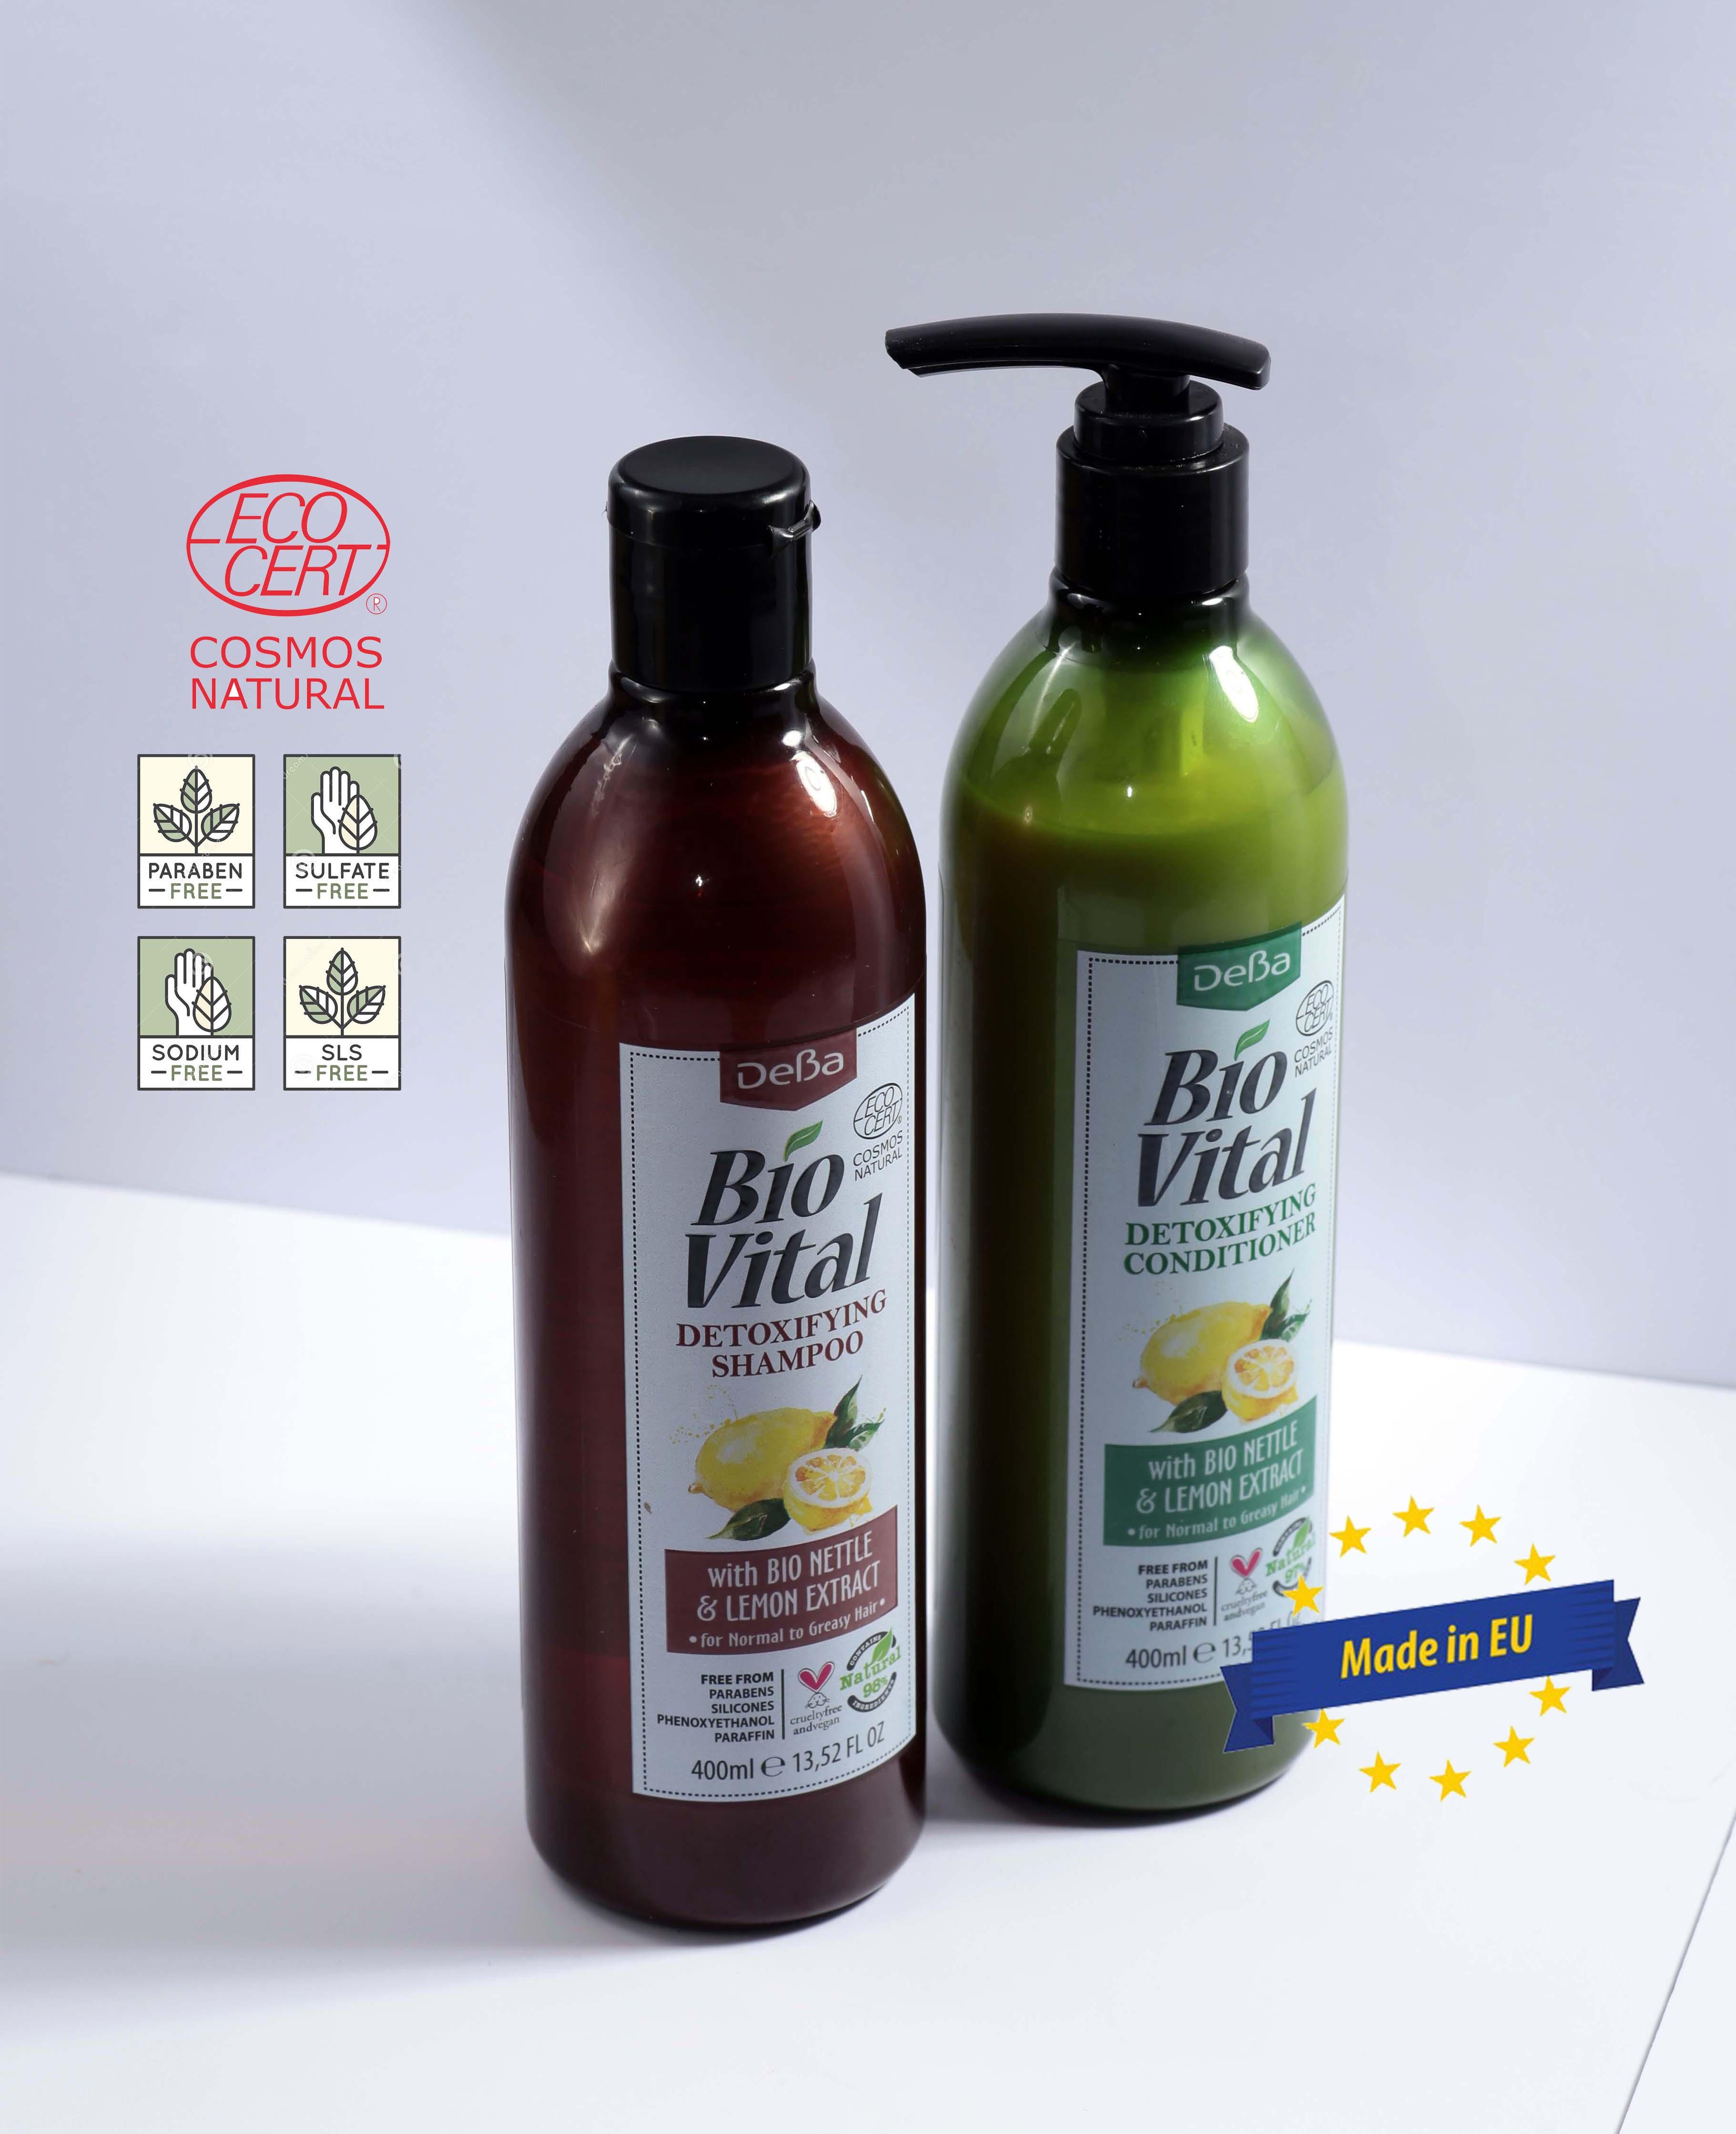 Bộ Gội Xả Hữu Cơ Nhập Khẩu Thải Độc Cho Tóc Dầu Deba Bio Vital Nettle & Lemon